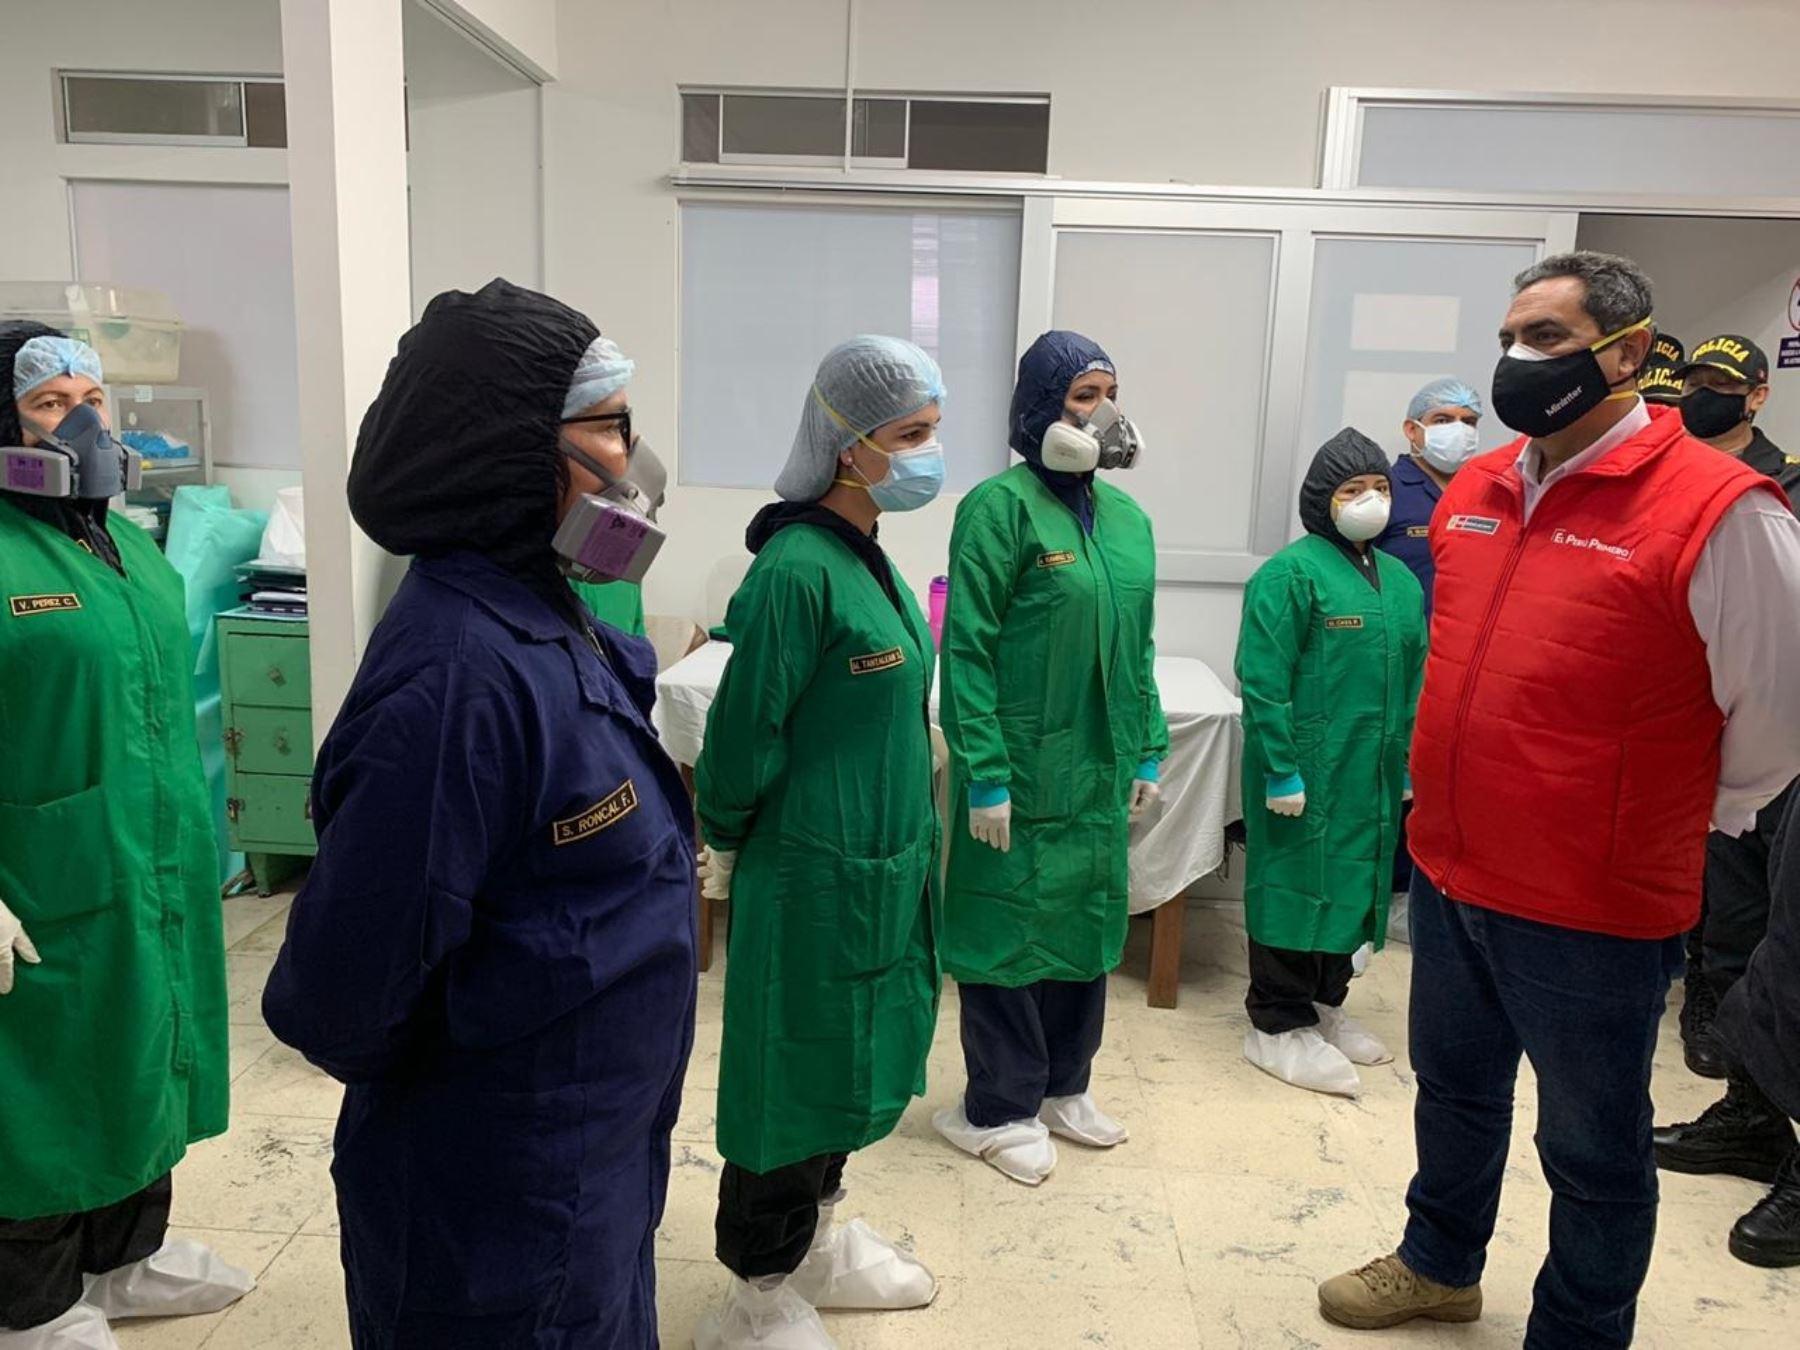 El ministro del Interior, Jorge Montoya, supervisó la puesta en funcionamiento del nuevo servicio de emergencia en Hospital de Policía de Chiclayo. ANDINA/Difusión